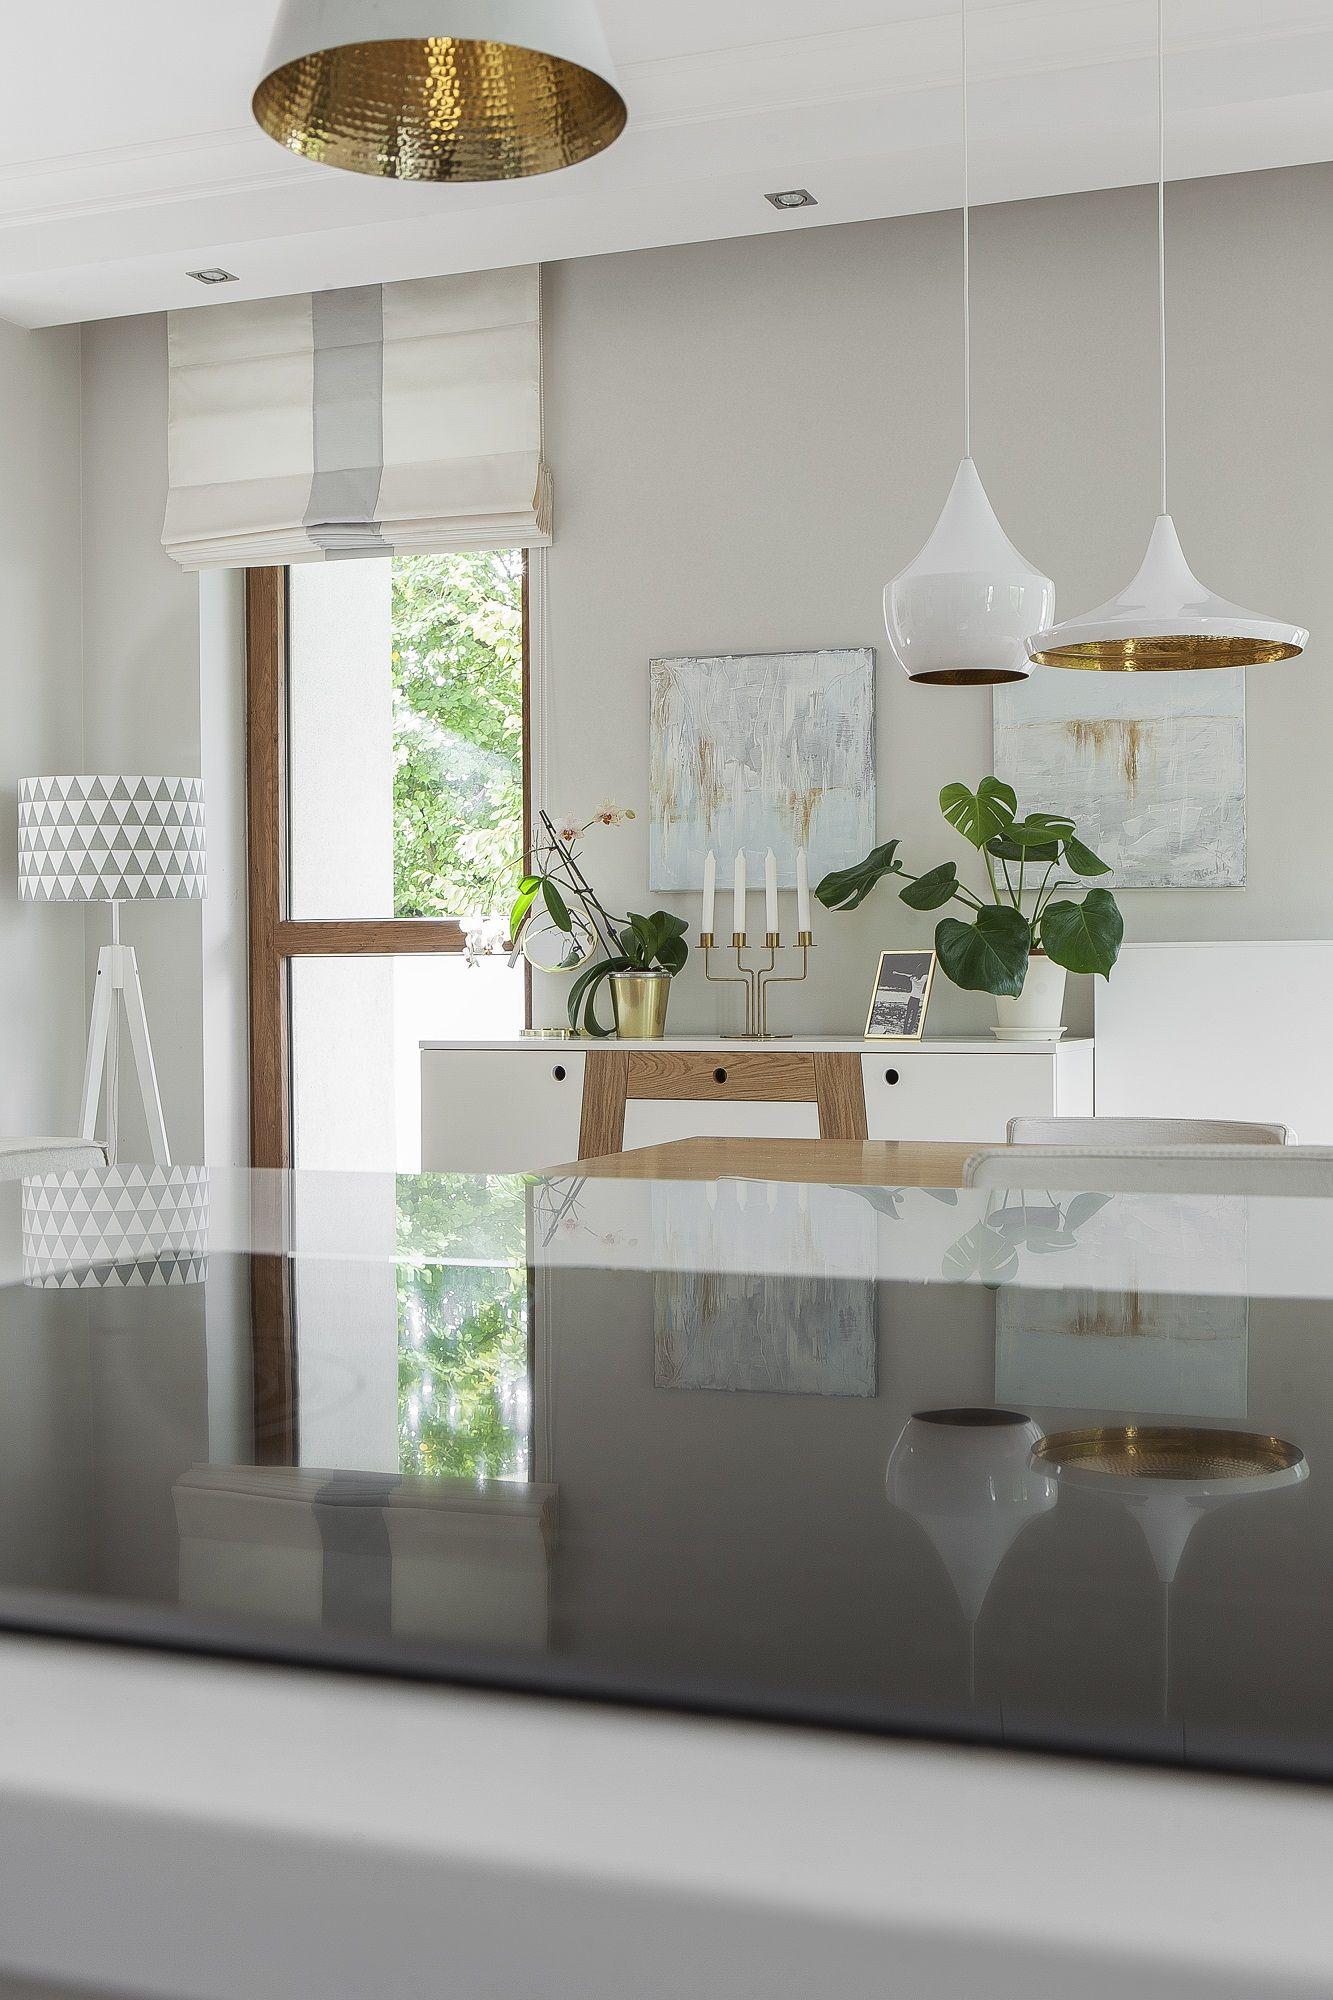 Esszimmer Im Modern Design? Wählen Sie Möbel Und Ausstattung In Weiß,  Holzdekor Und